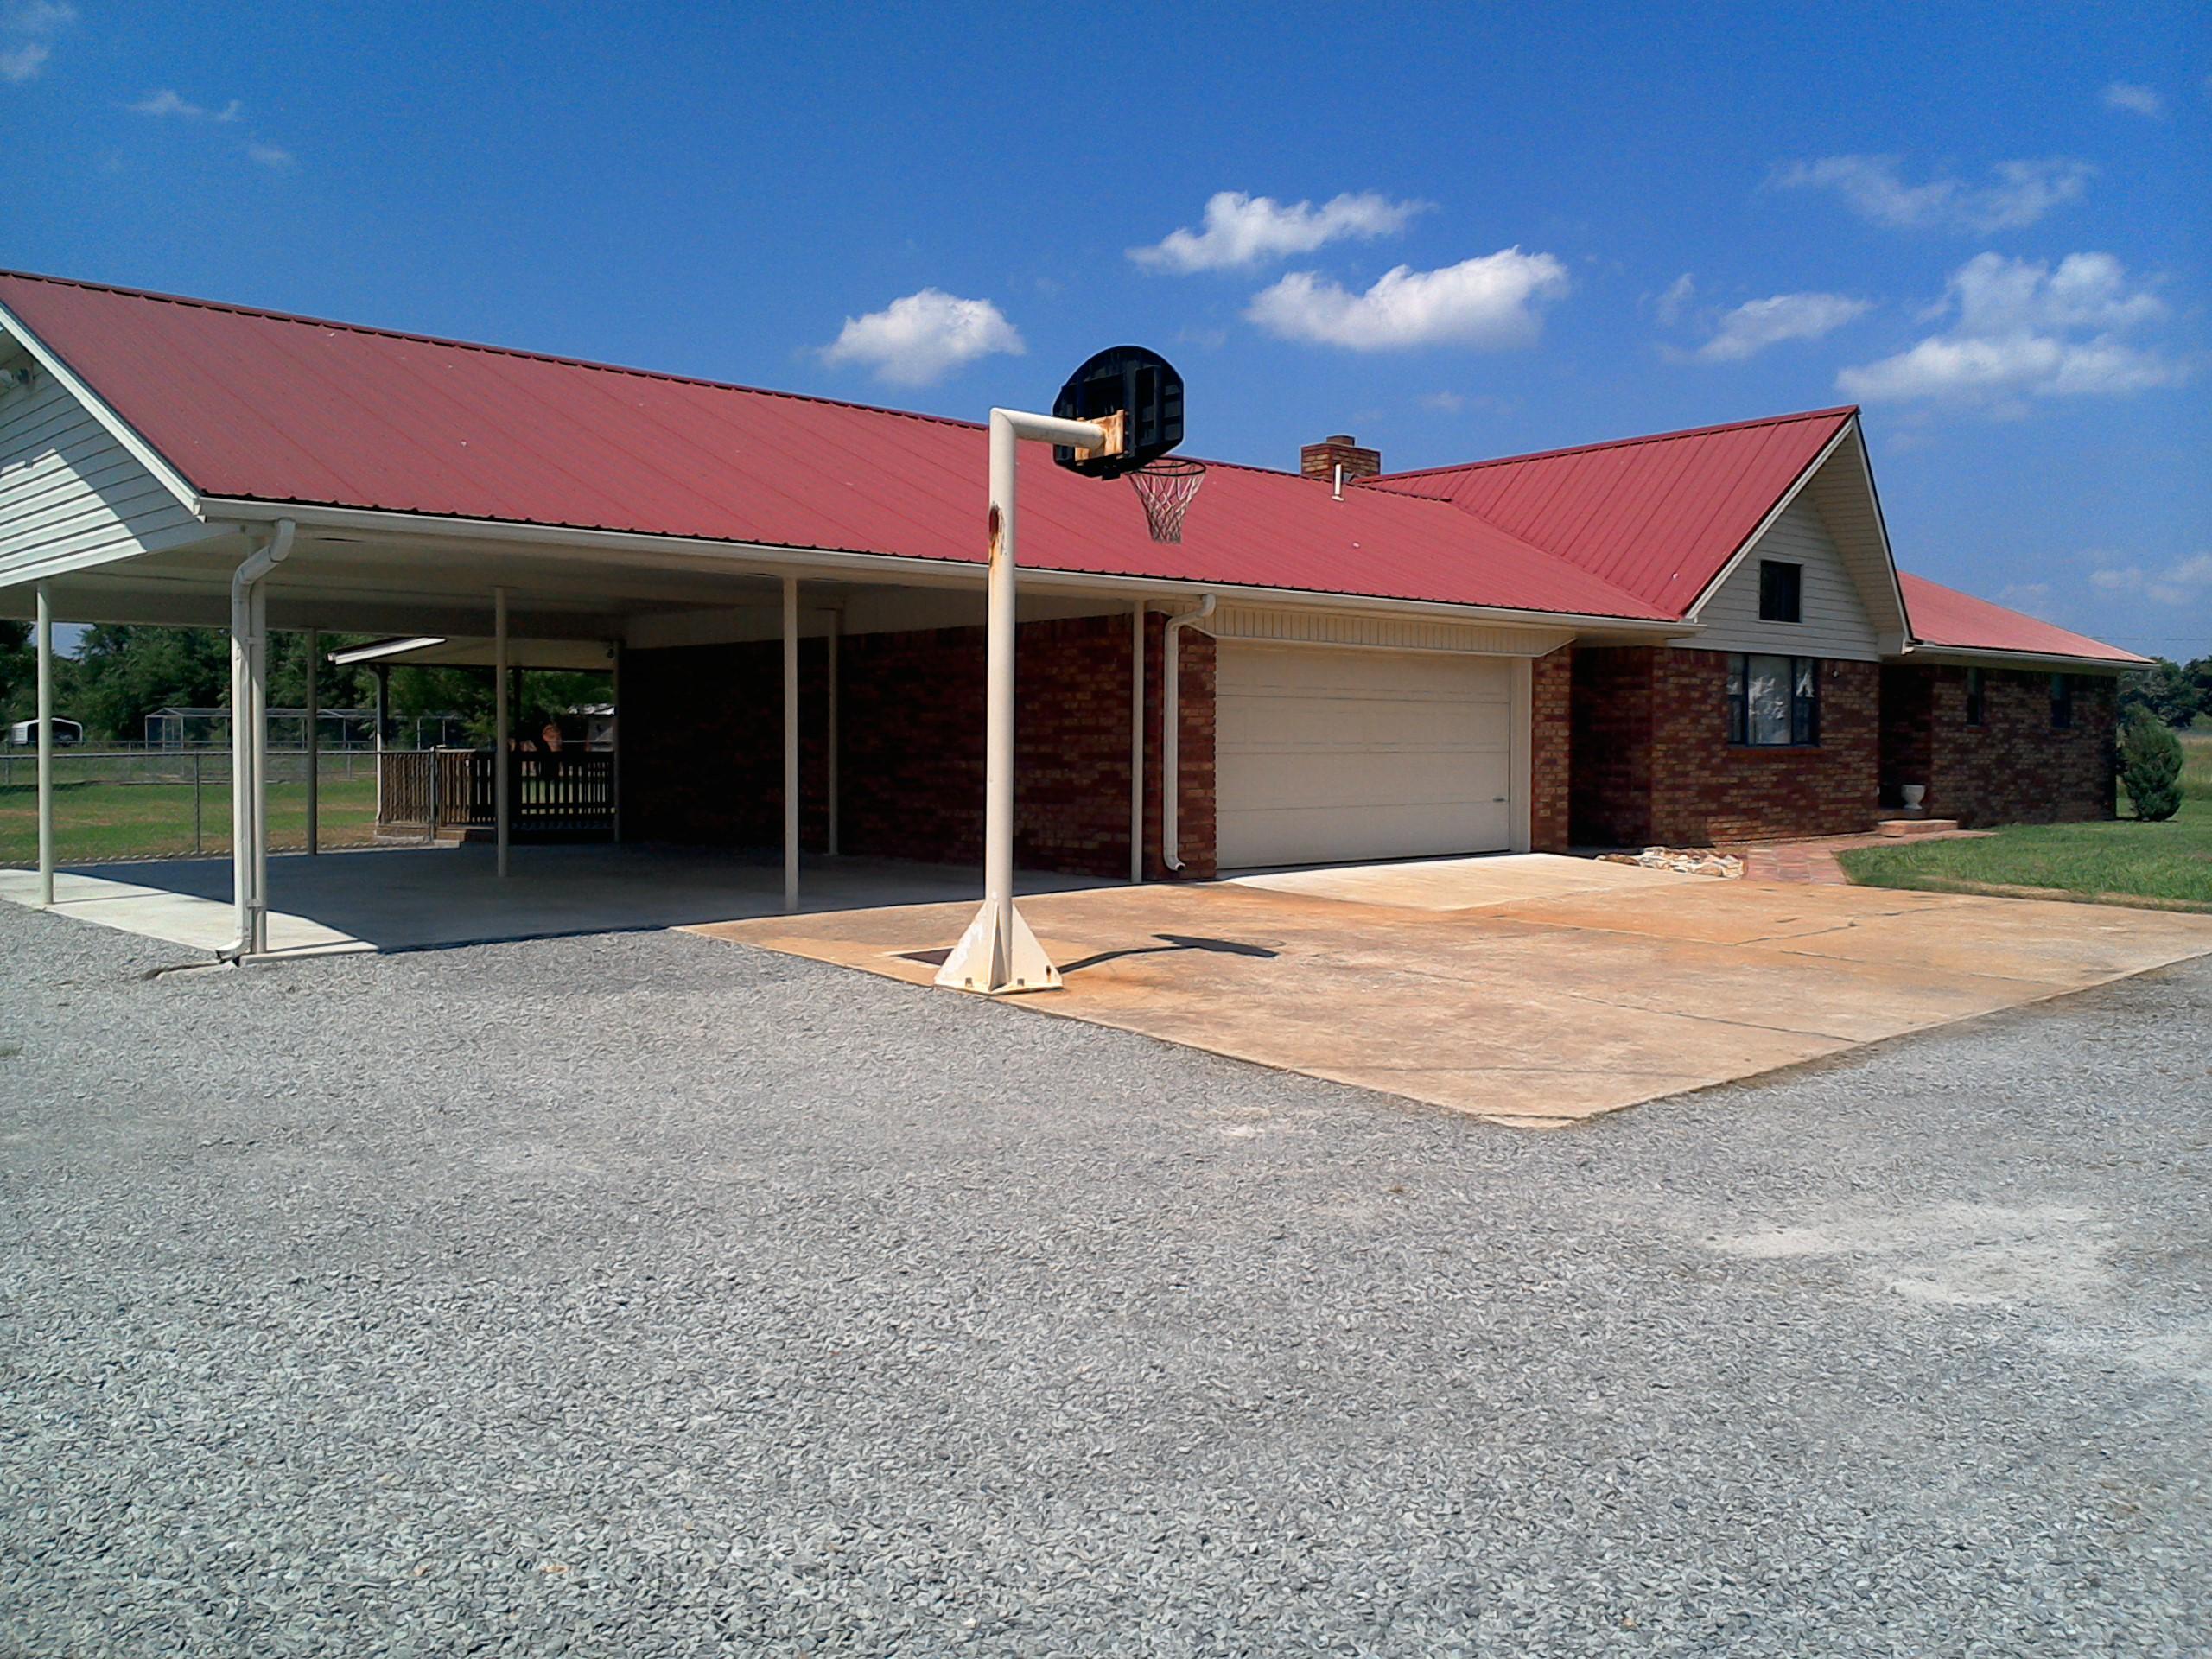 301 Peach St., Locust Grove, Oklahoma 74352